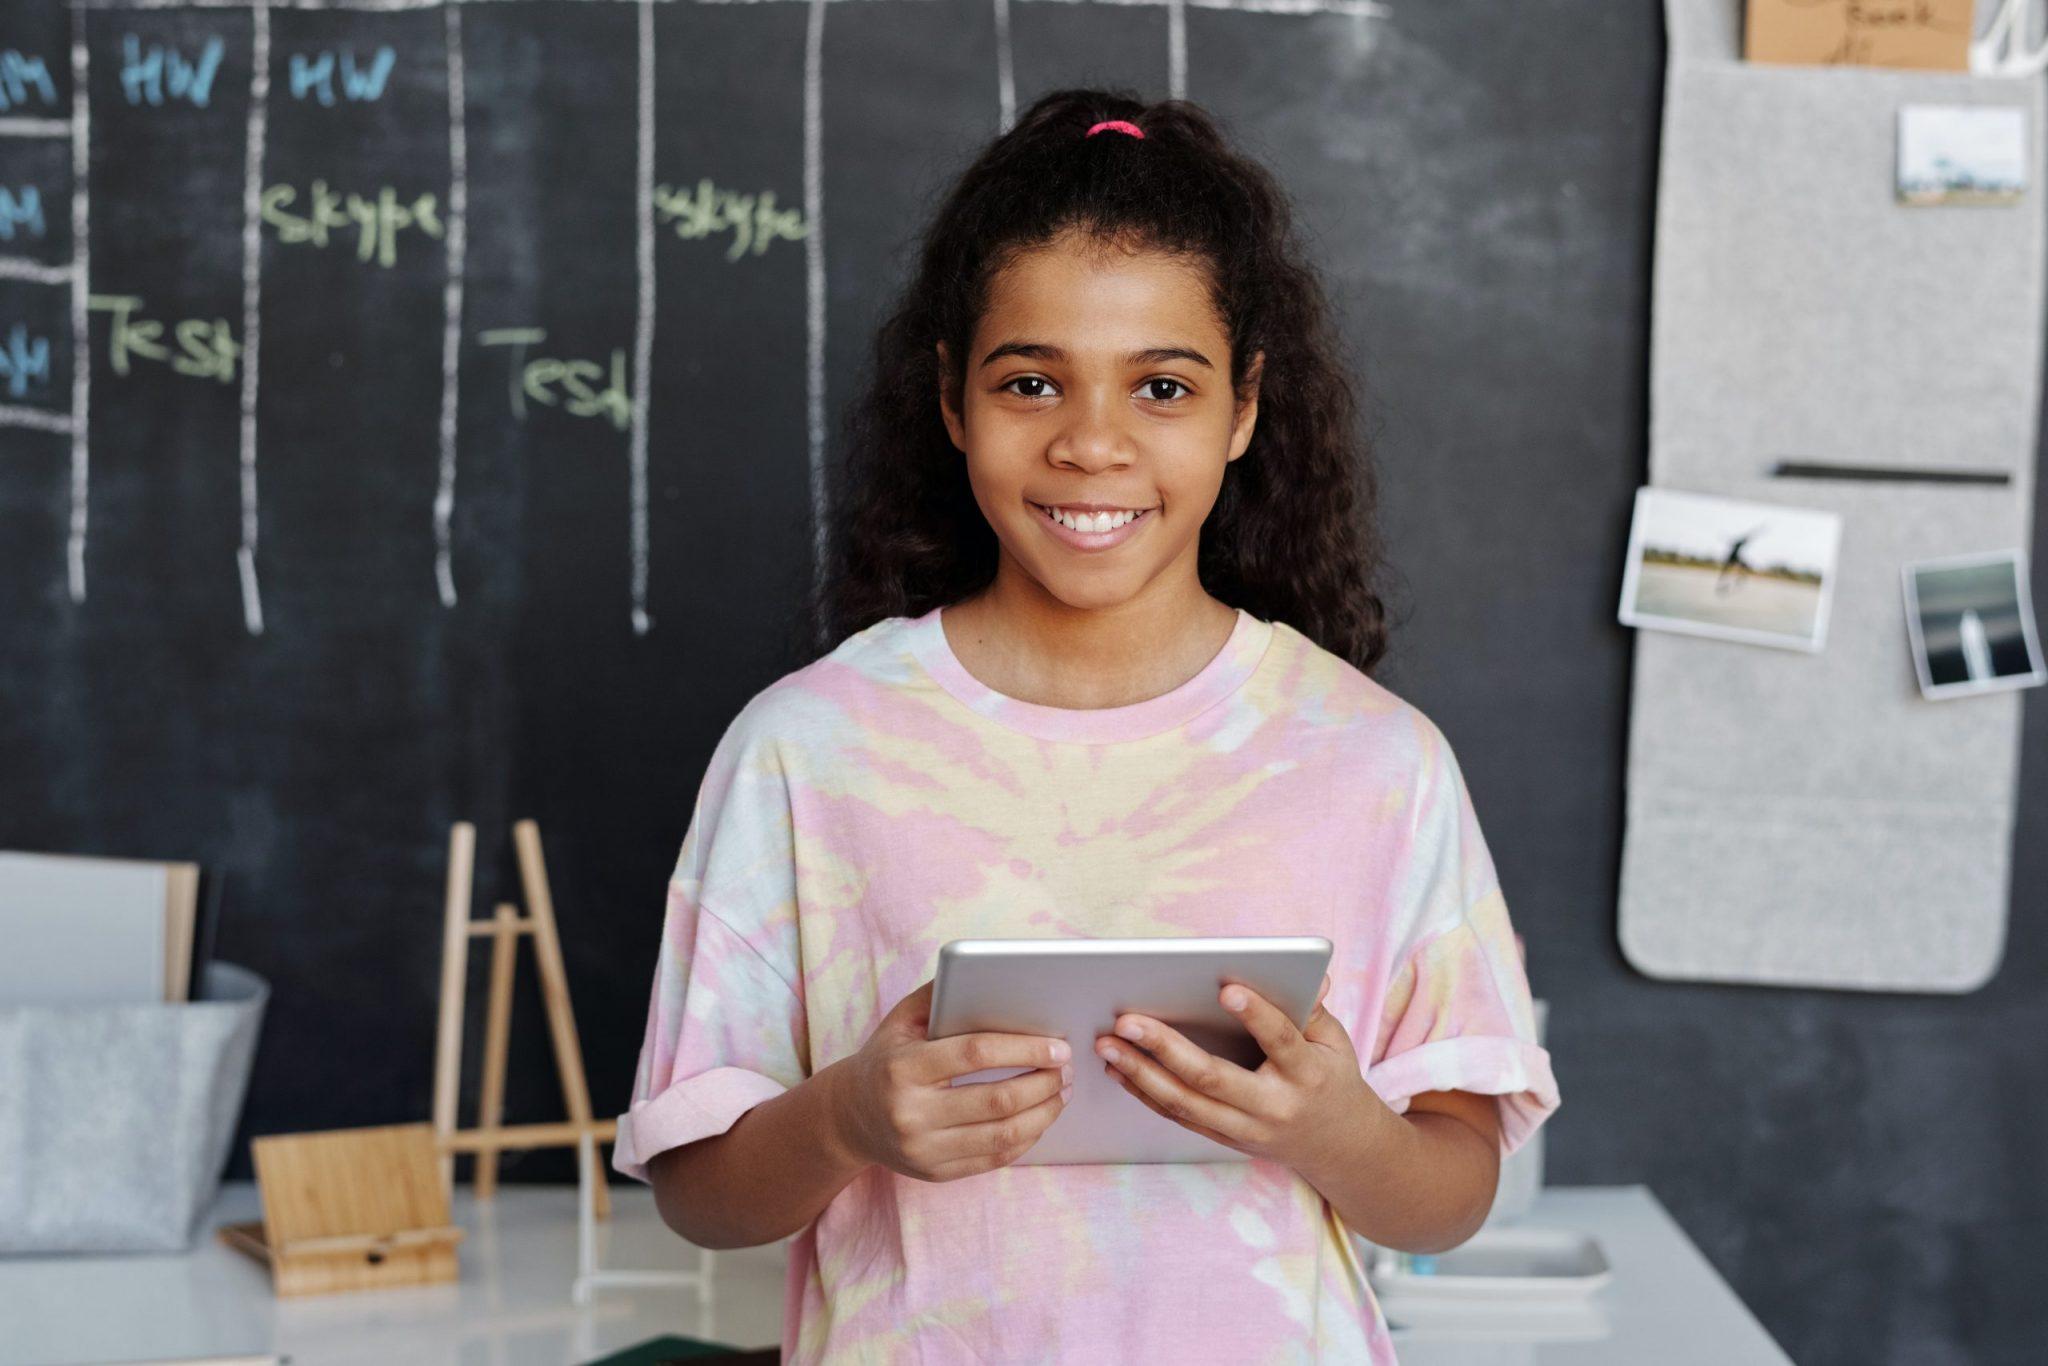 Banco Bradesco: Educação como parte de programa de Responsabilidade Social.